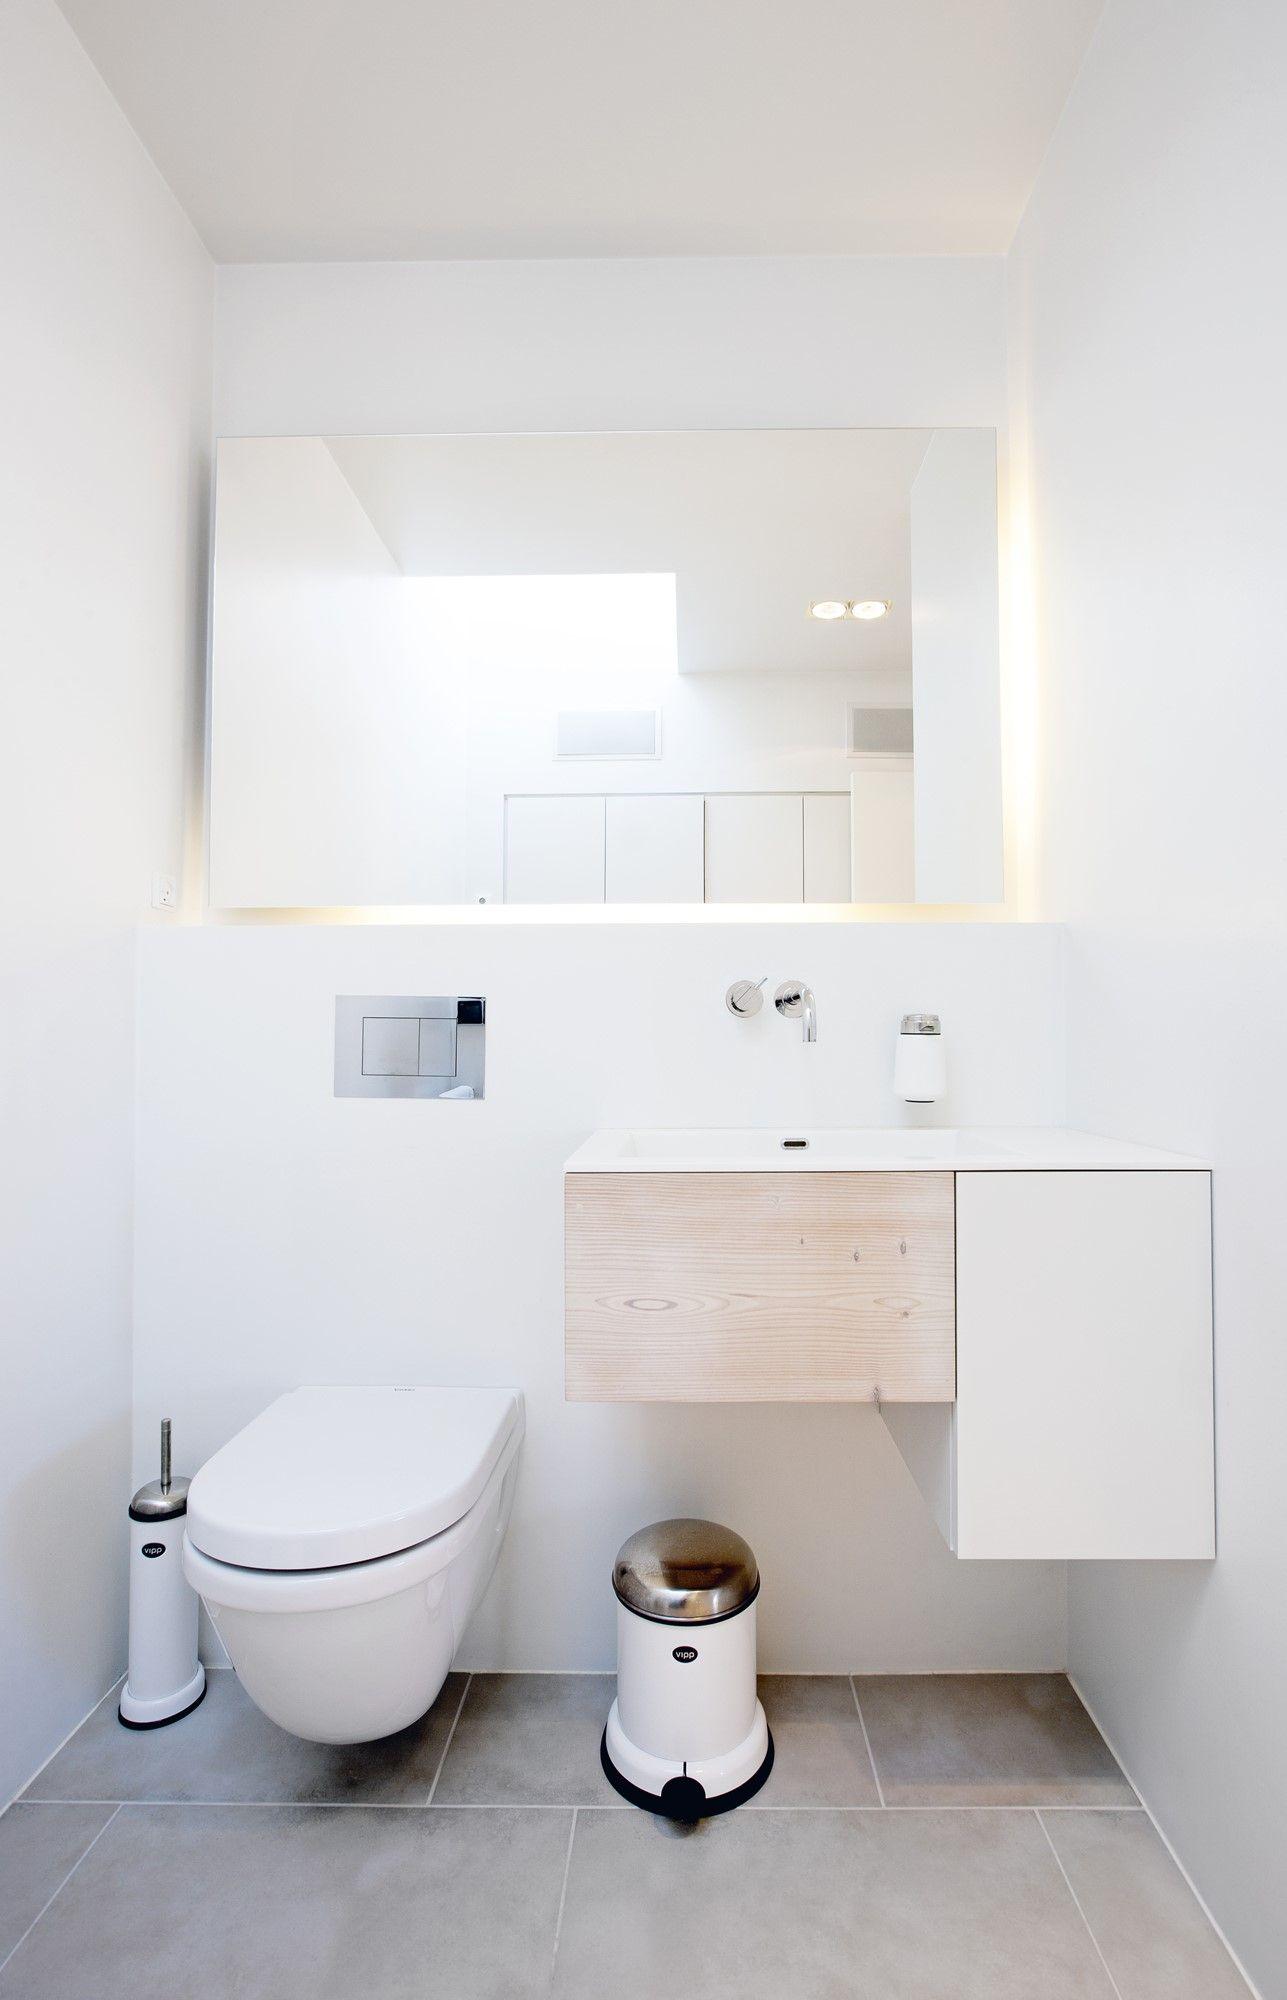 Badeværelset Er Komprimeret Uden At Det Virker Mast Spejlet Lavet Med Et Par Lysrør På Bagsiden Som Kaster Lys Hele Vejen Rundt Langs